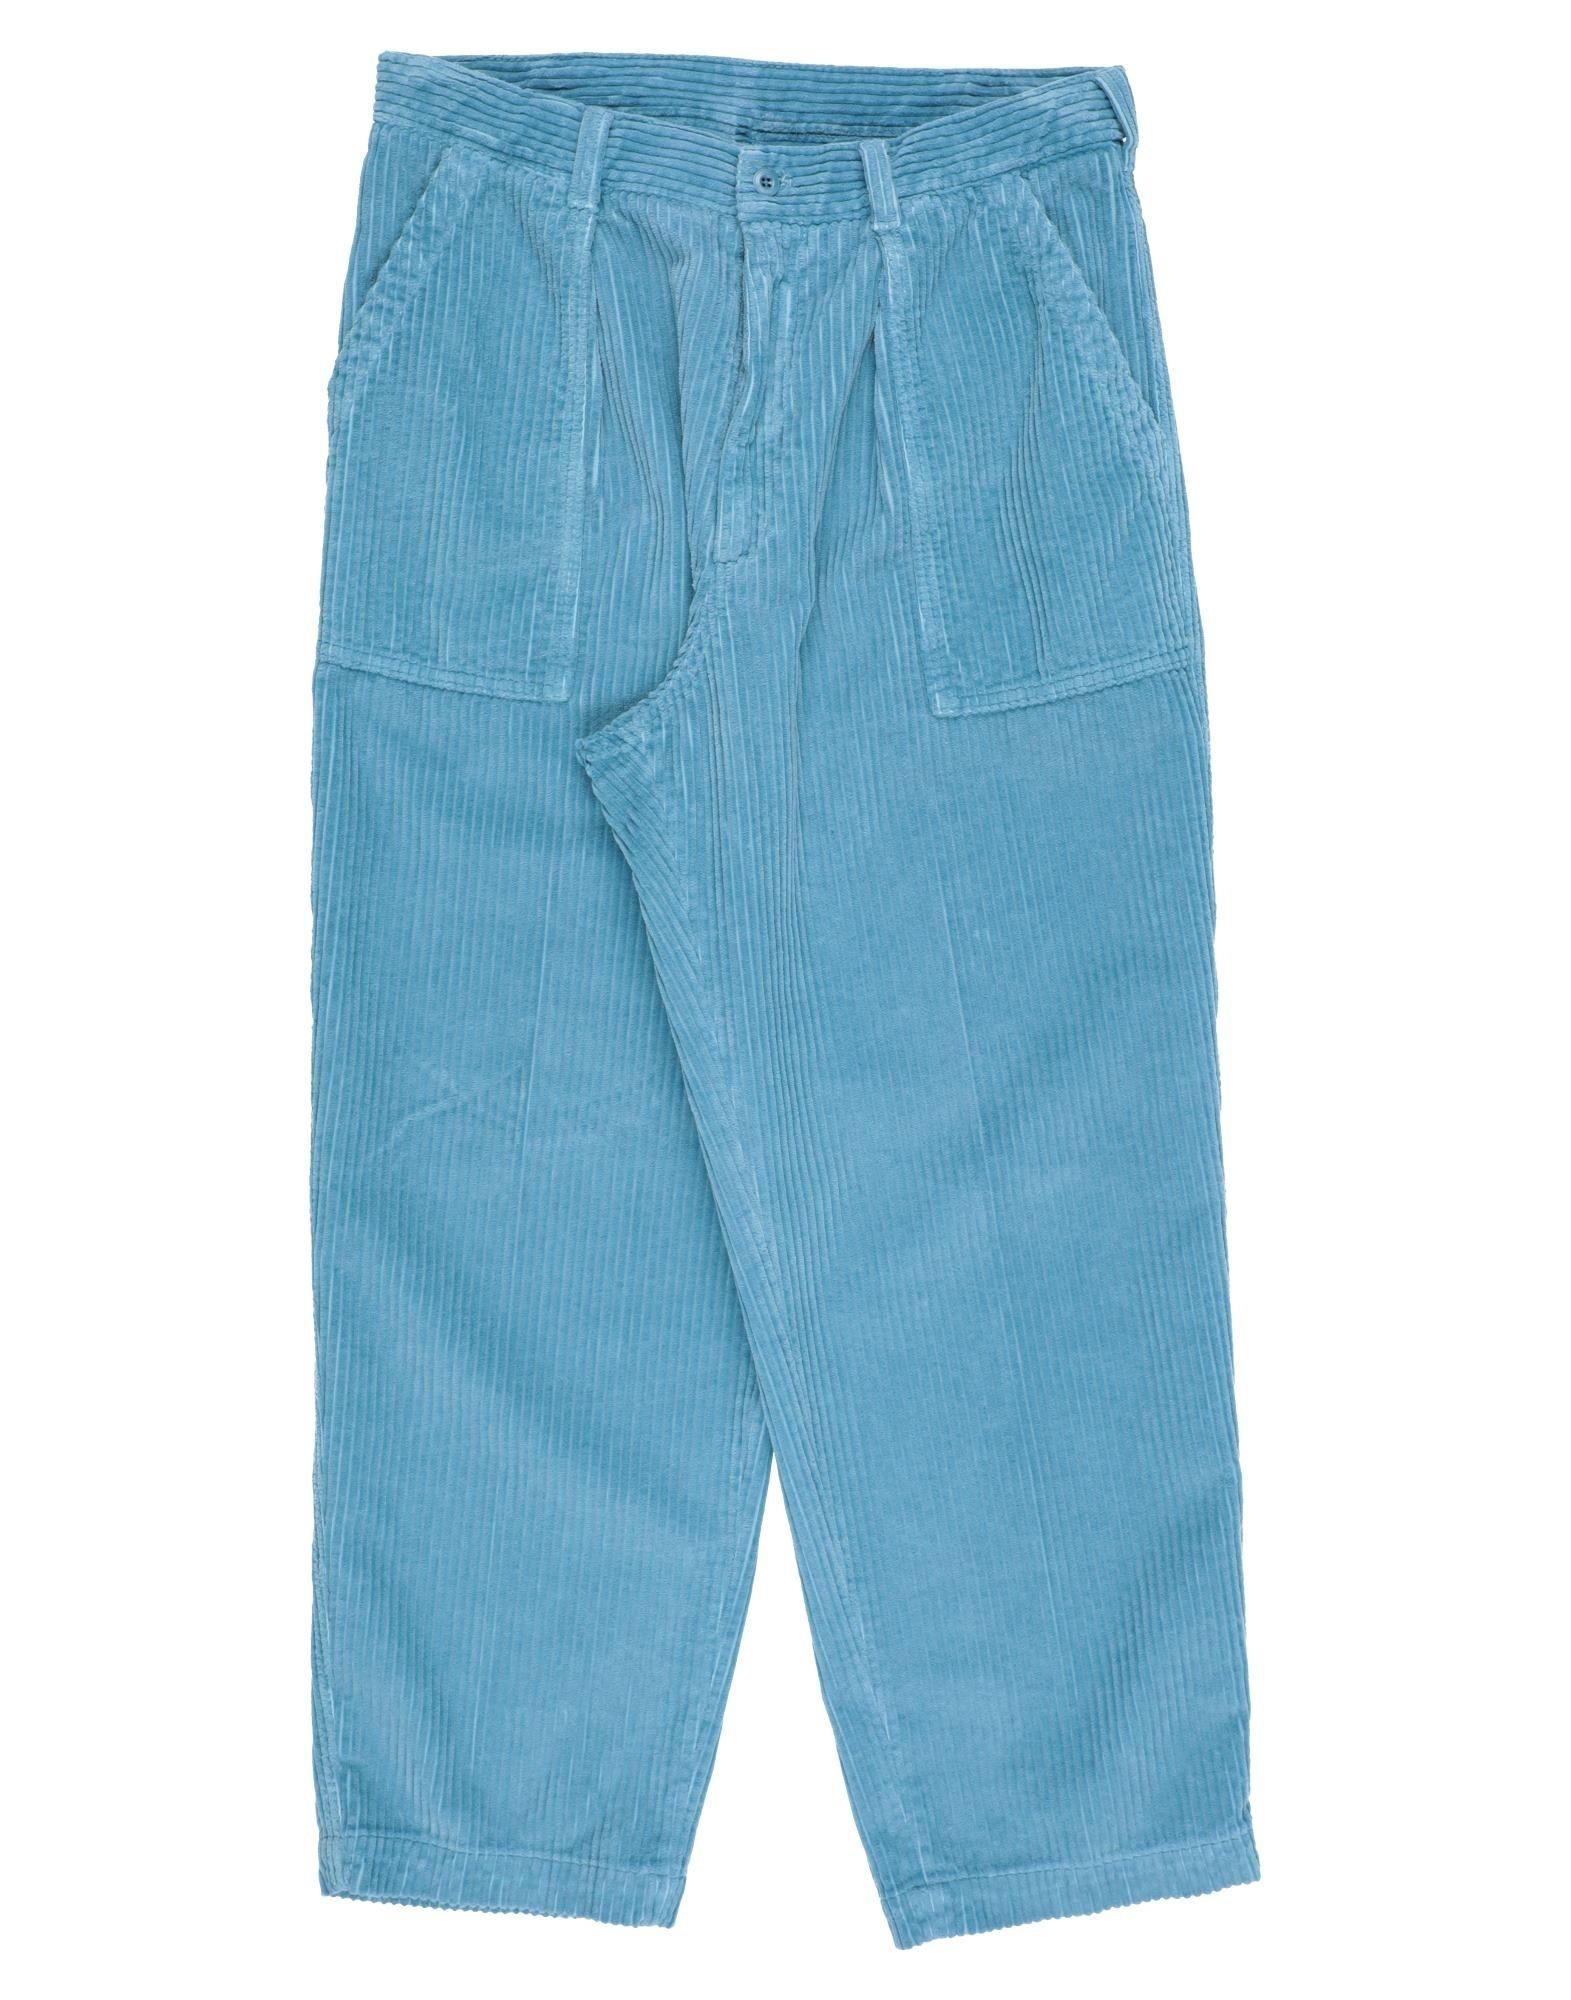 《セール開催中》CELLAR DOOR メンズ パンツ パステルブルー 44 コットン 100%